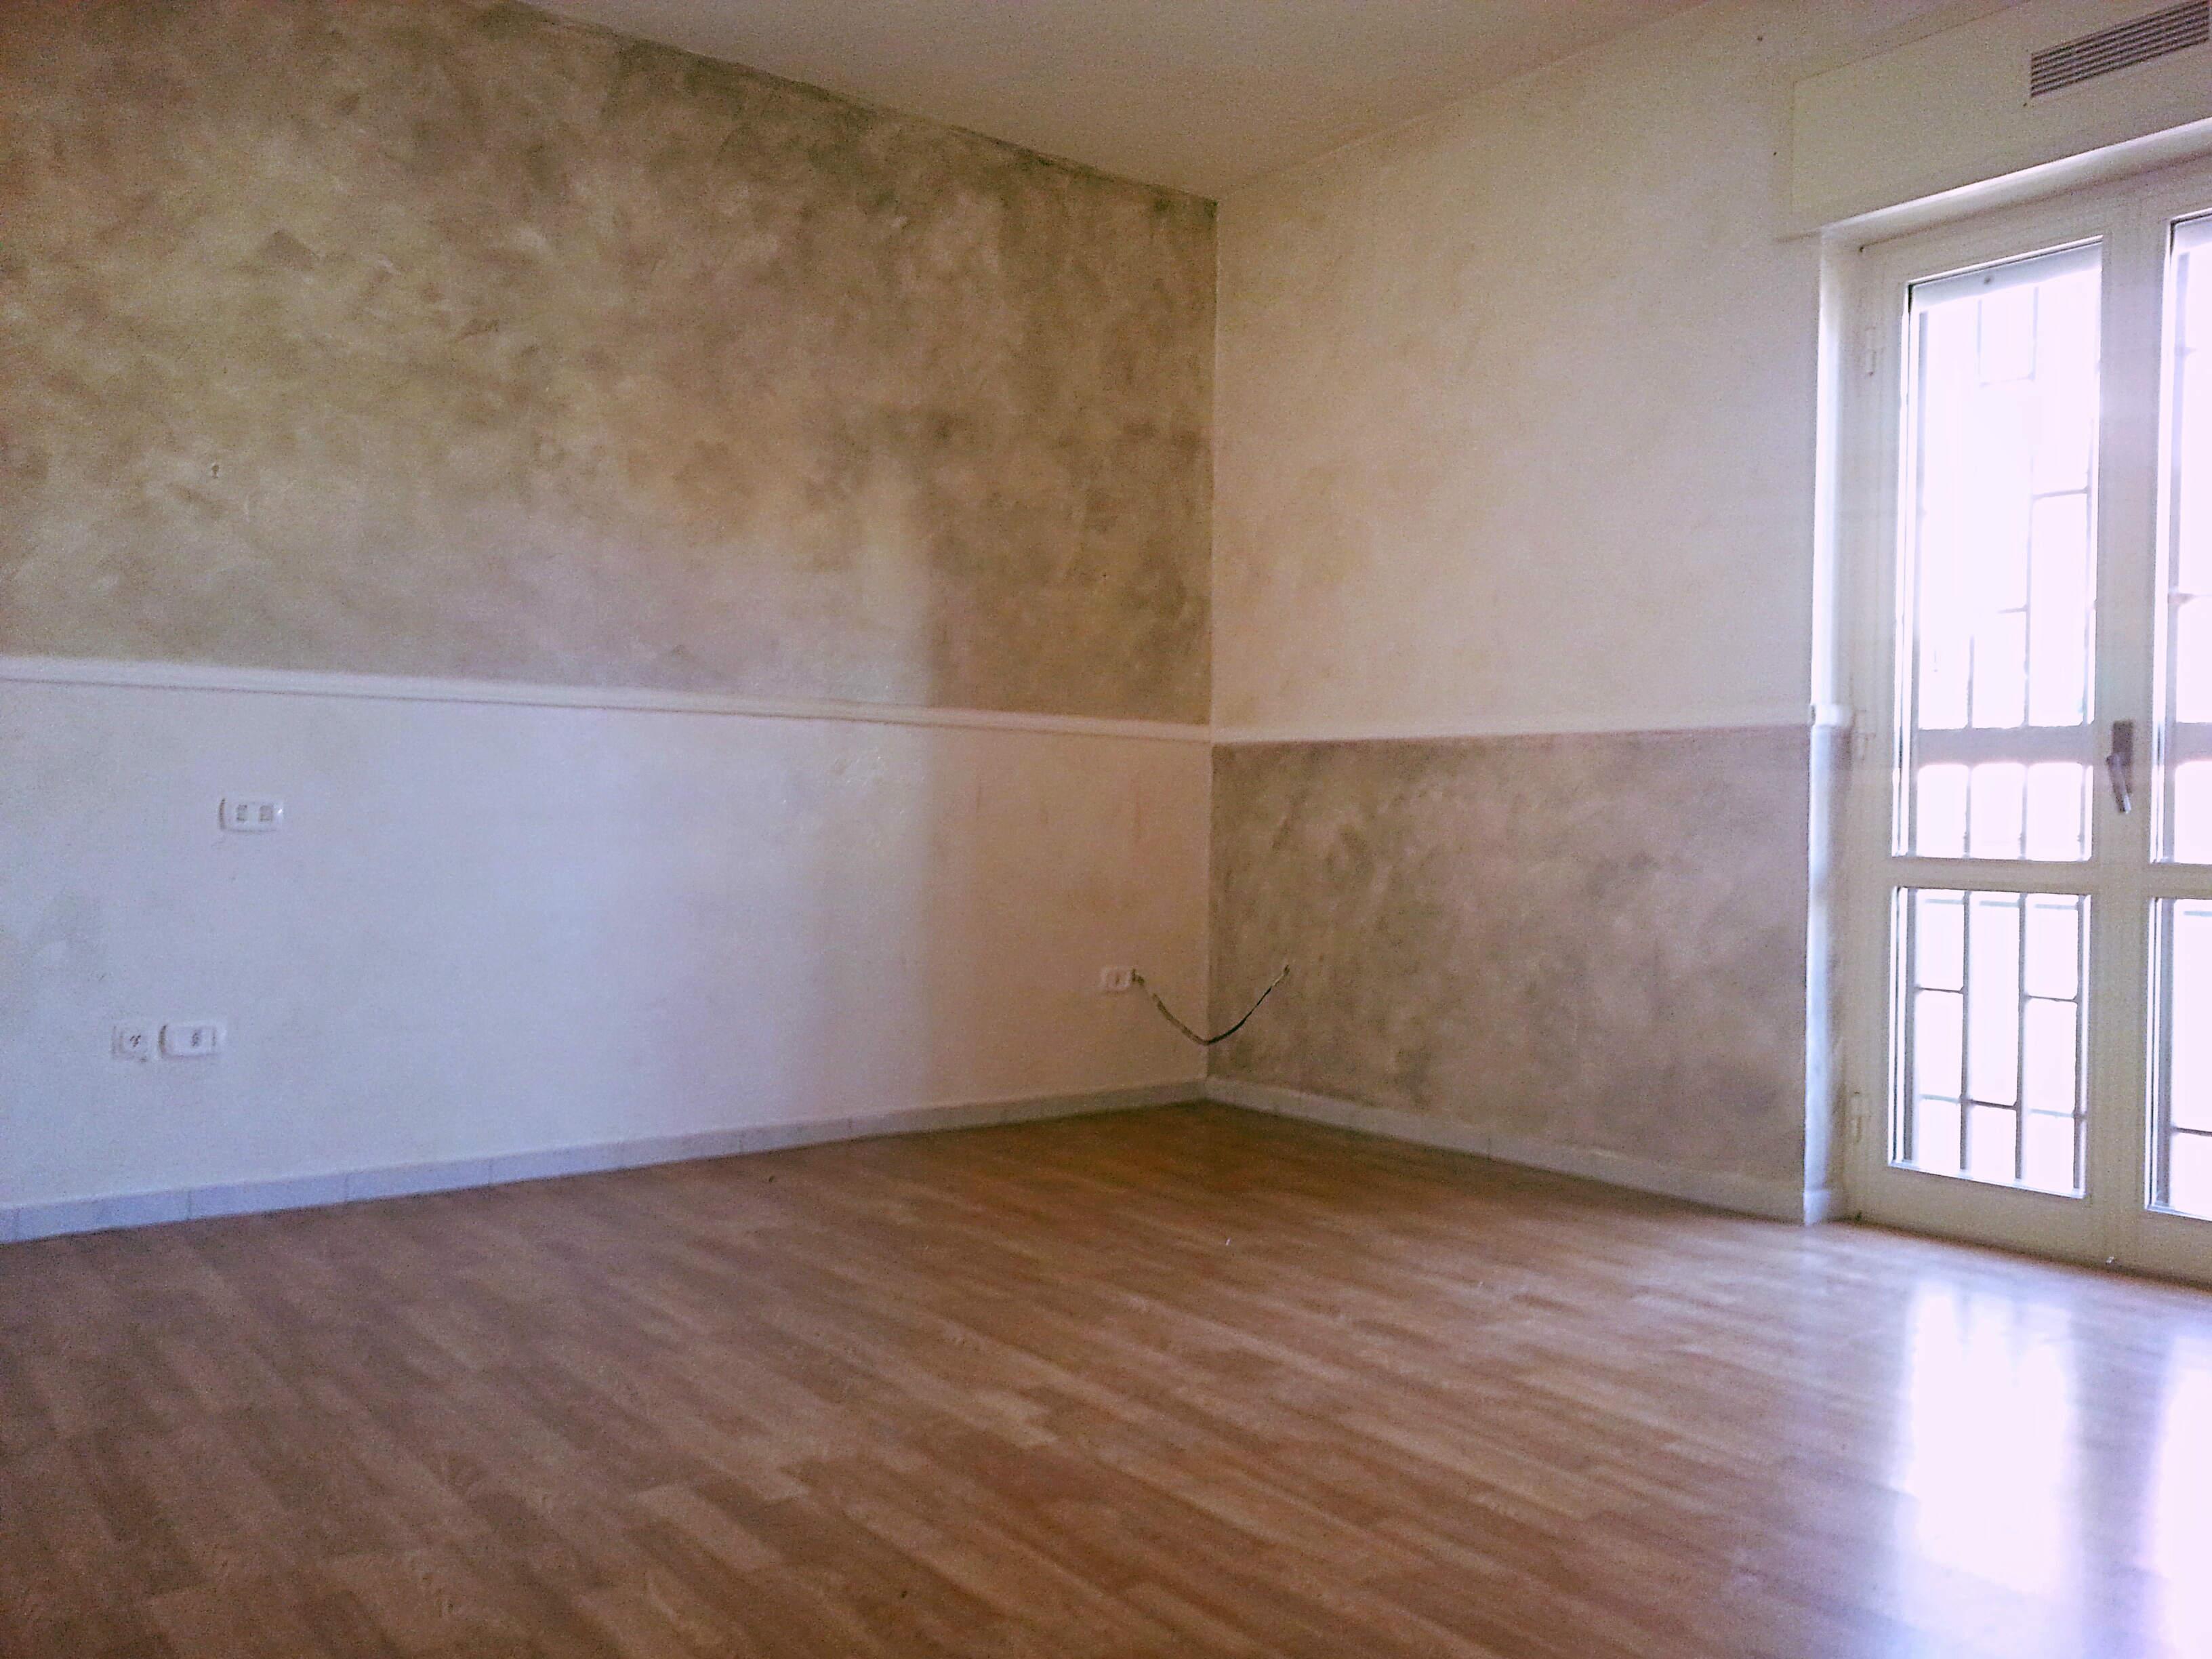 Centrale con p auto in garage a quarto key immobiliare for Garage per auto singola con appartamento